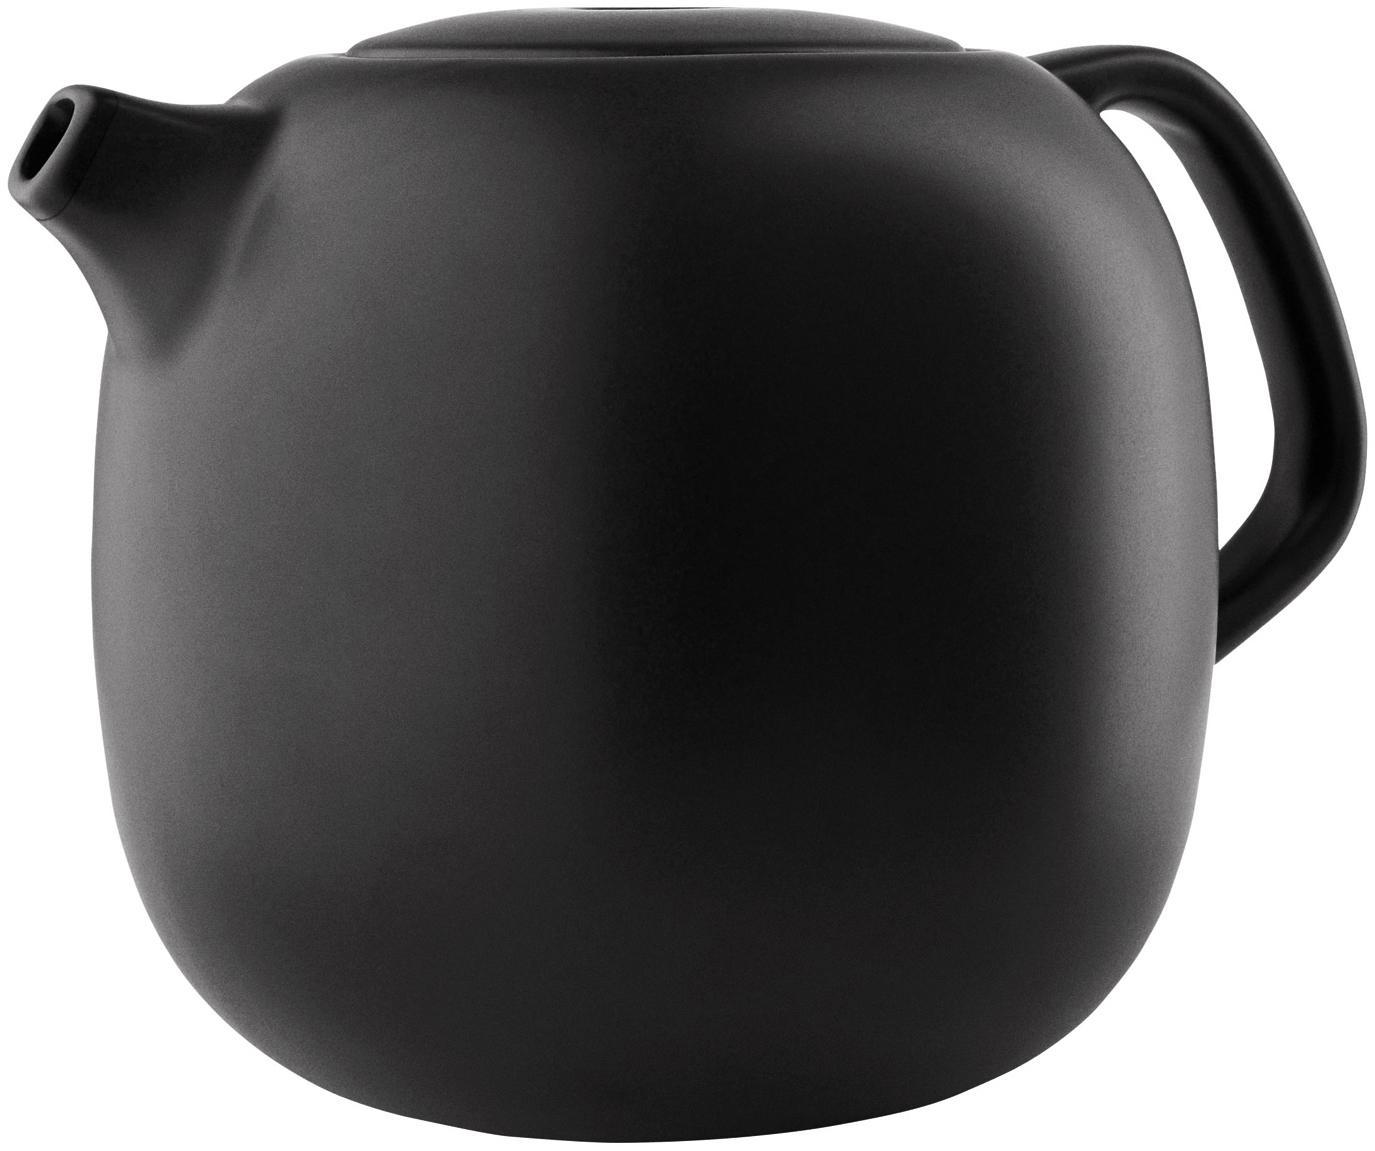 Theepot Nordic Kitchen in mat zwart, Pot: keramiek, Mat zwart, 1 L